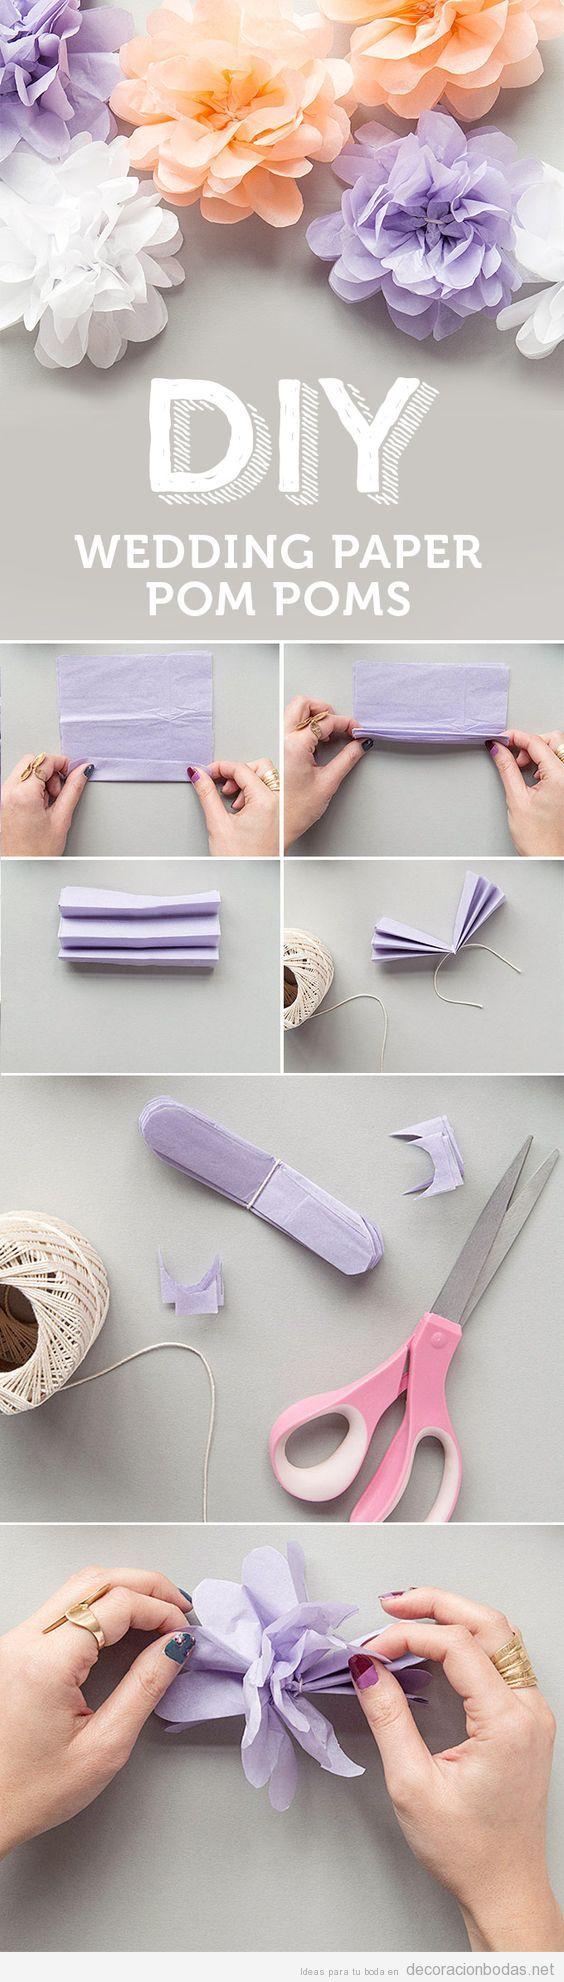 Cómo hacer pompones de papel DIY para decorar boda (Tutorial)